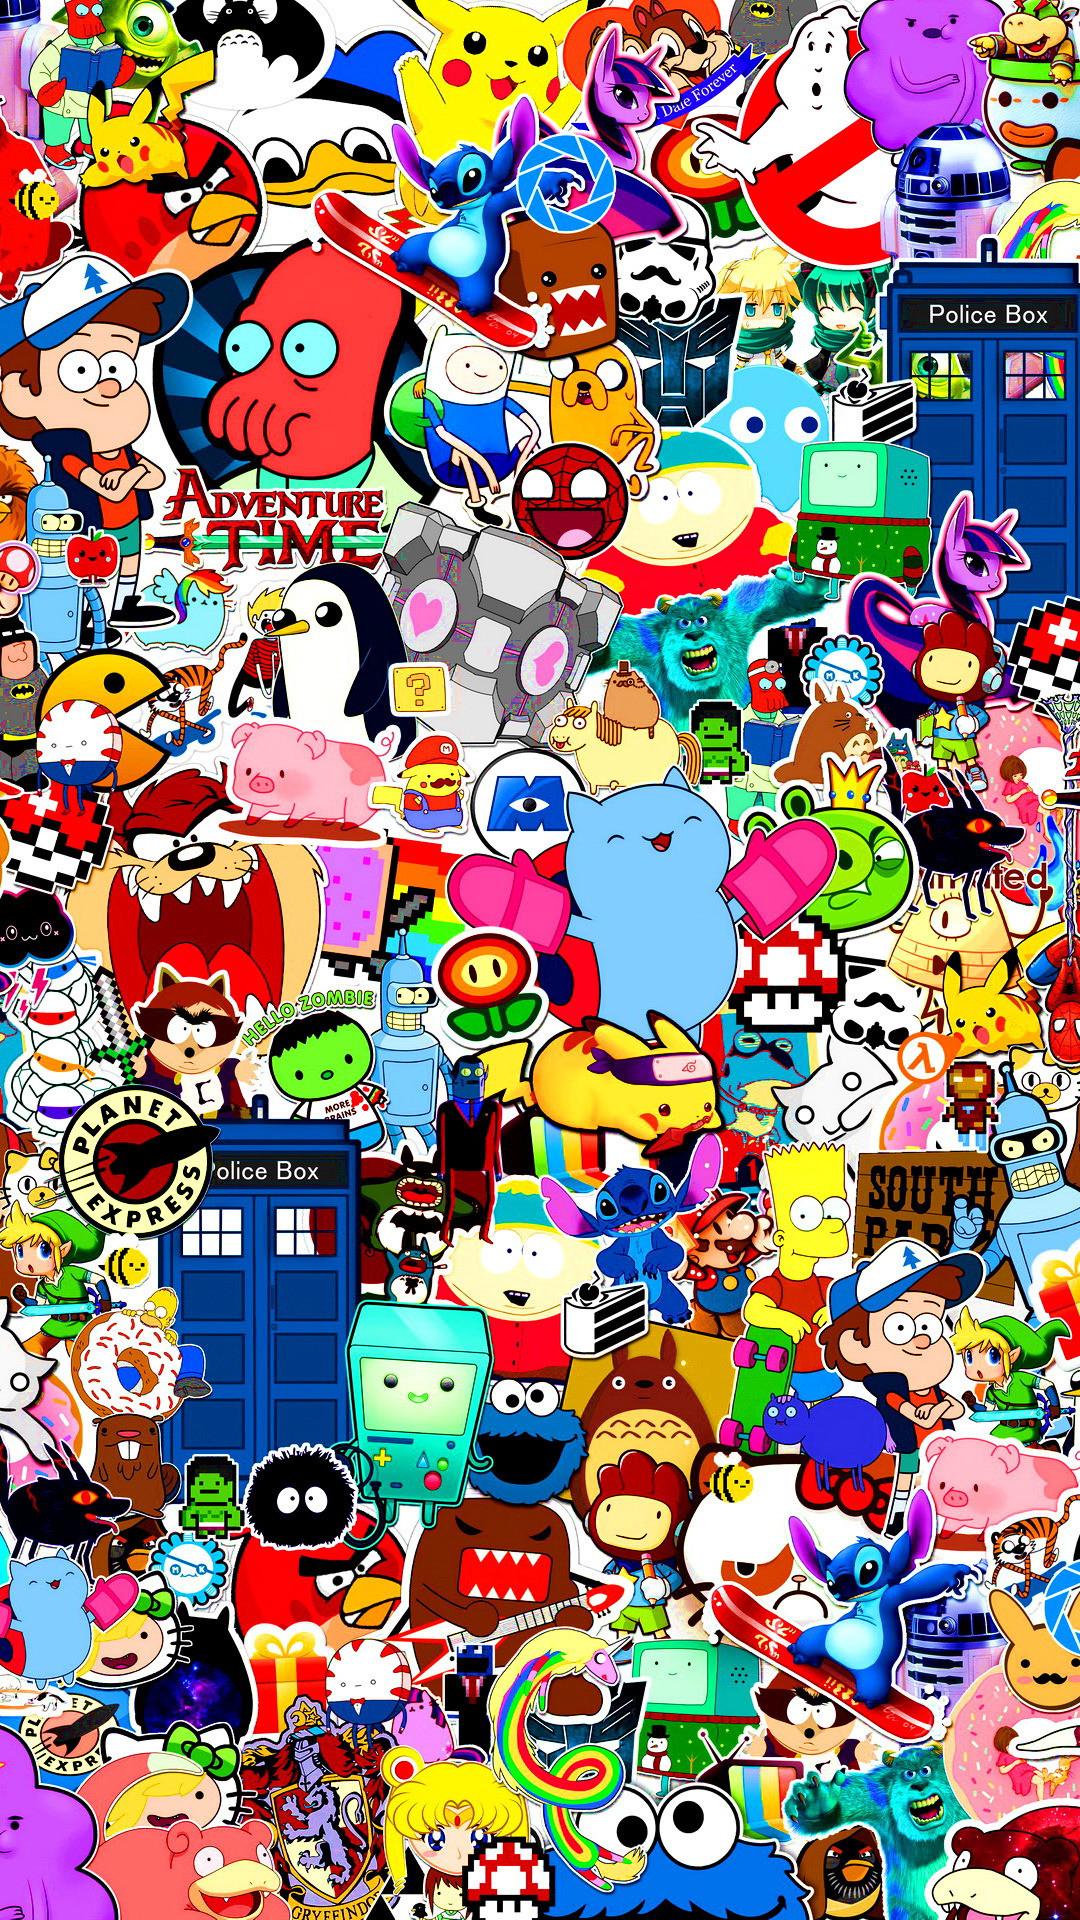 1080x1920 Aoiphone Ios 7 Wallpaper Tumblr For Ipad